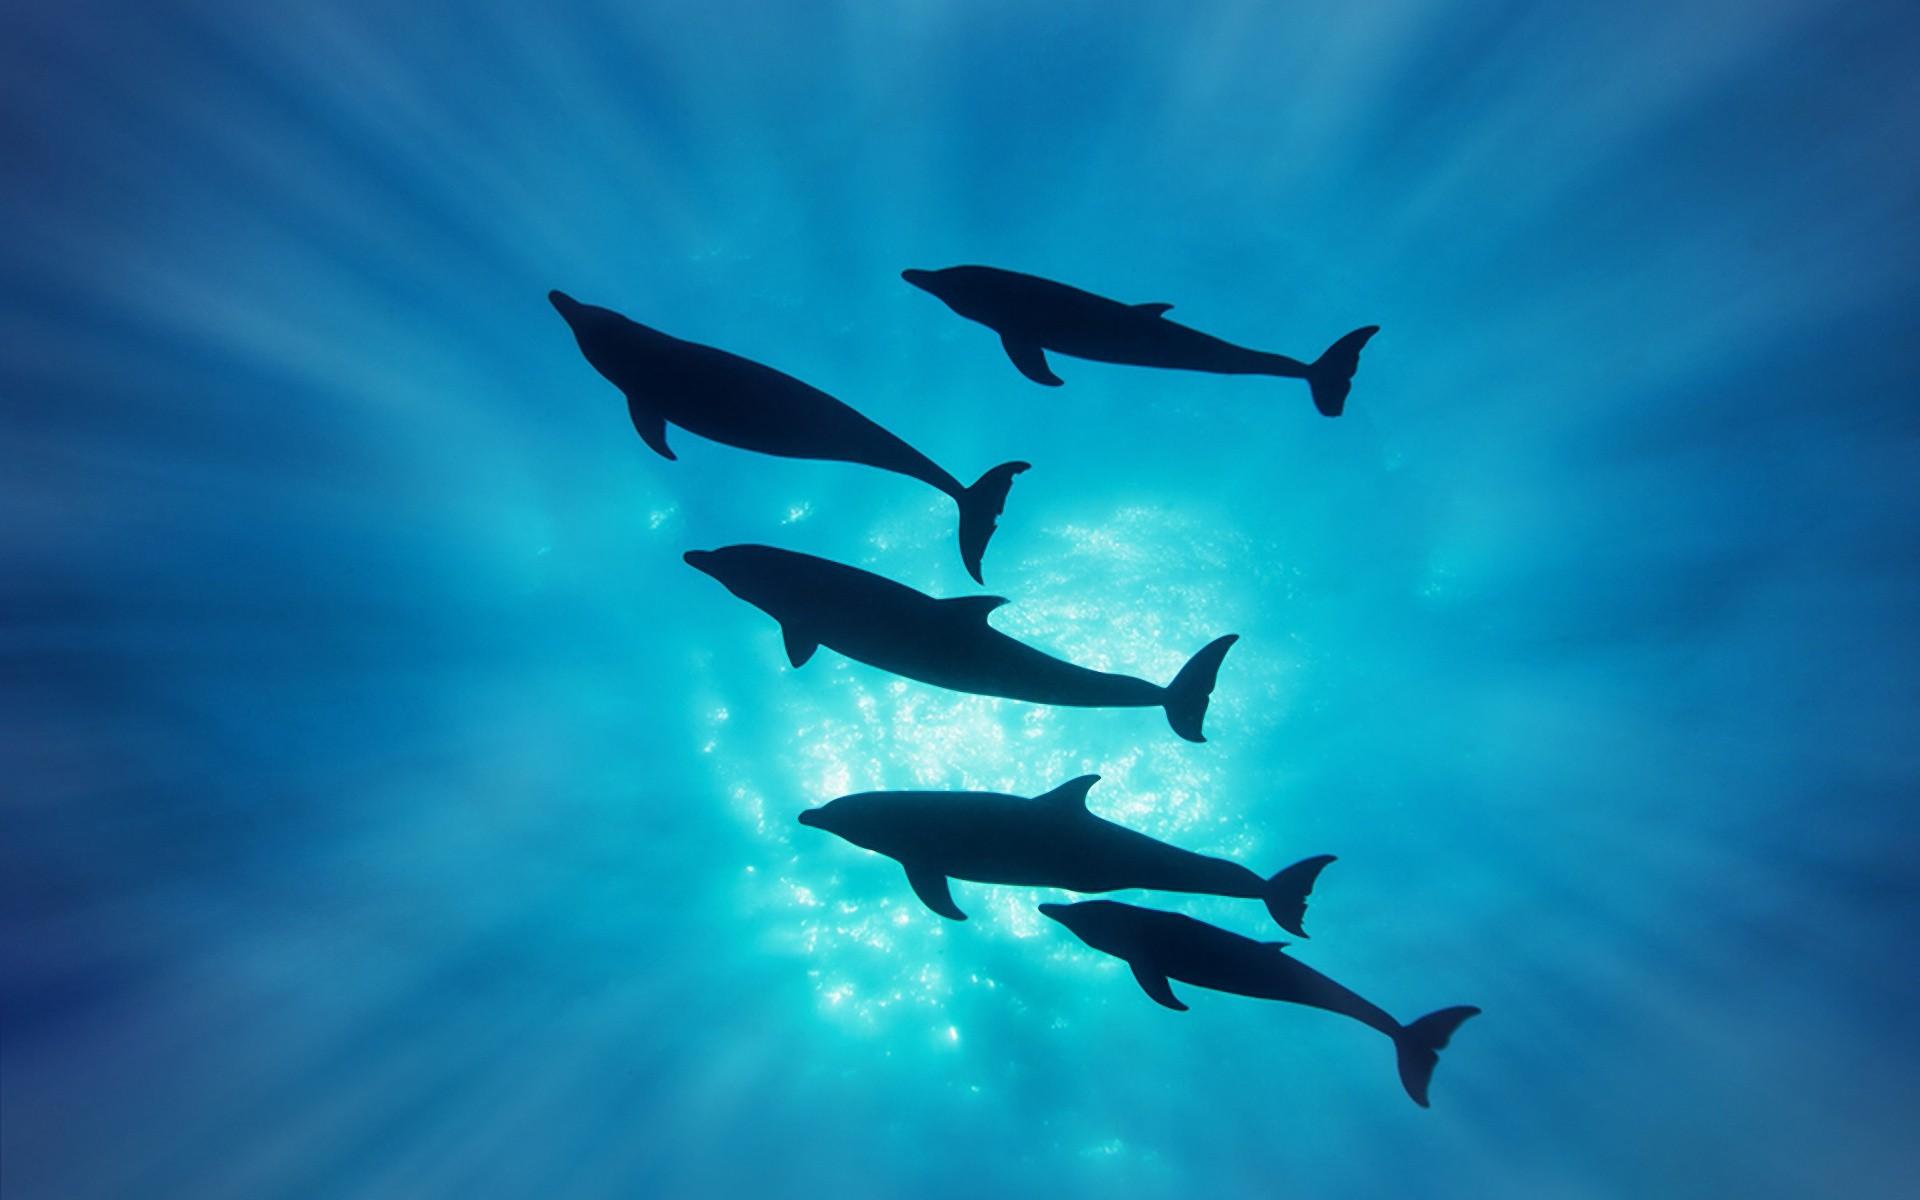 Delfines en el mar - 1920x1200